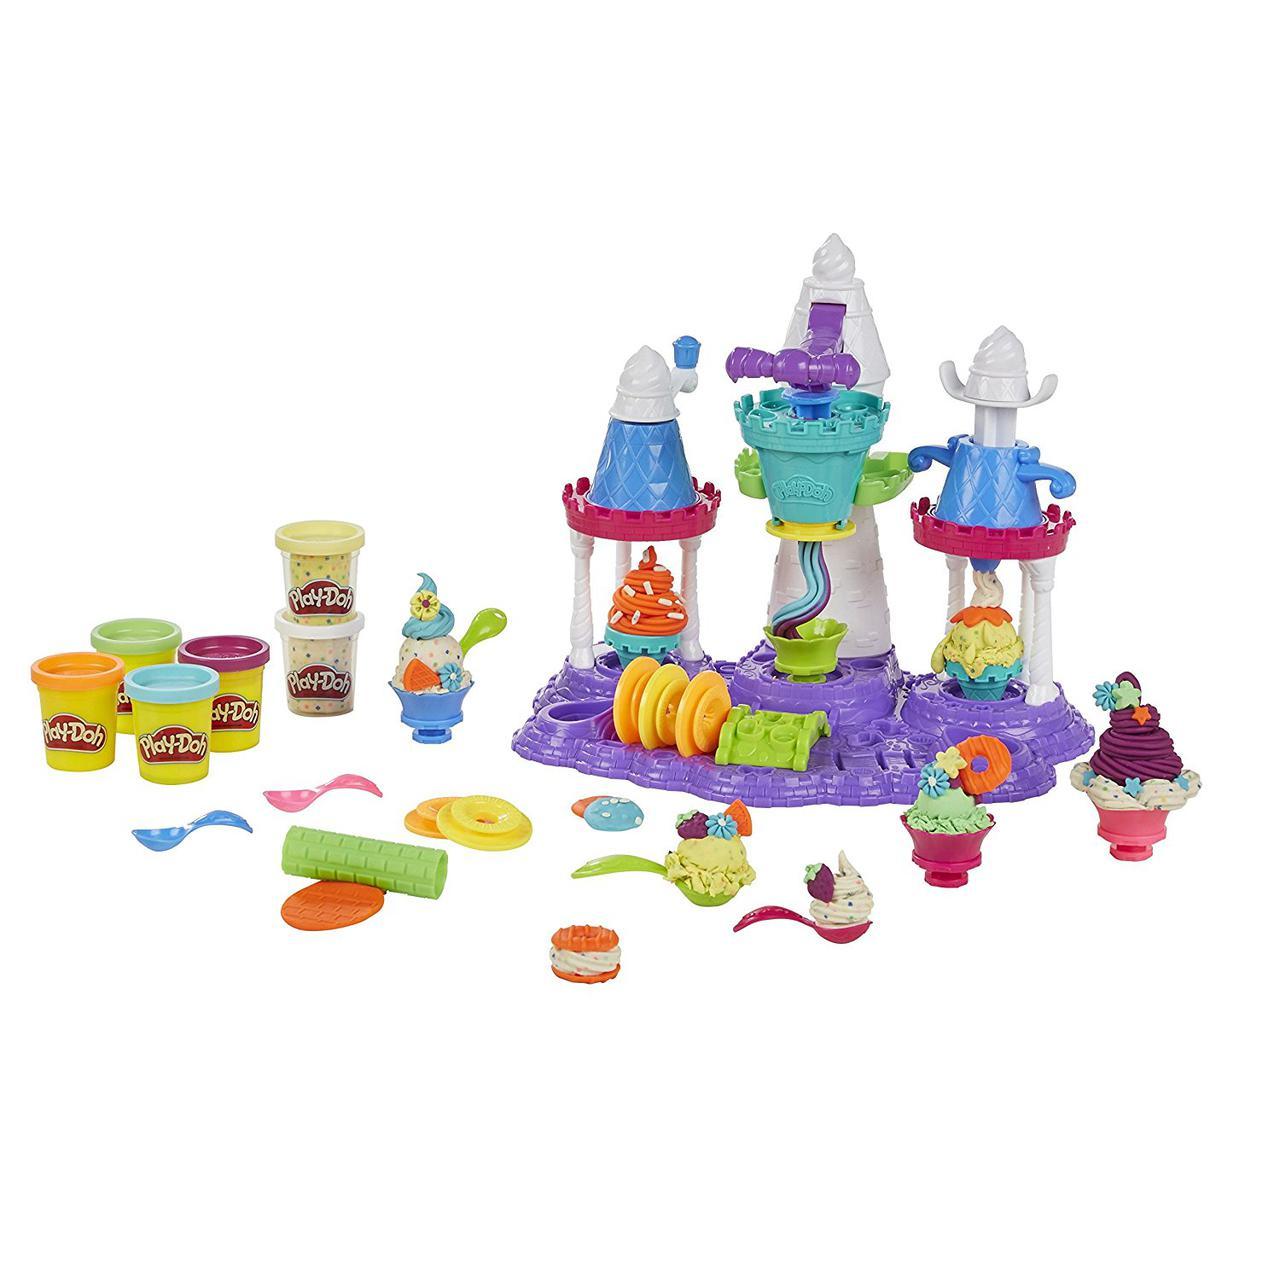 Игровой набор Замок мороженого  Плей До оригинал набор Play-Doh Ice Cream Castle В5523